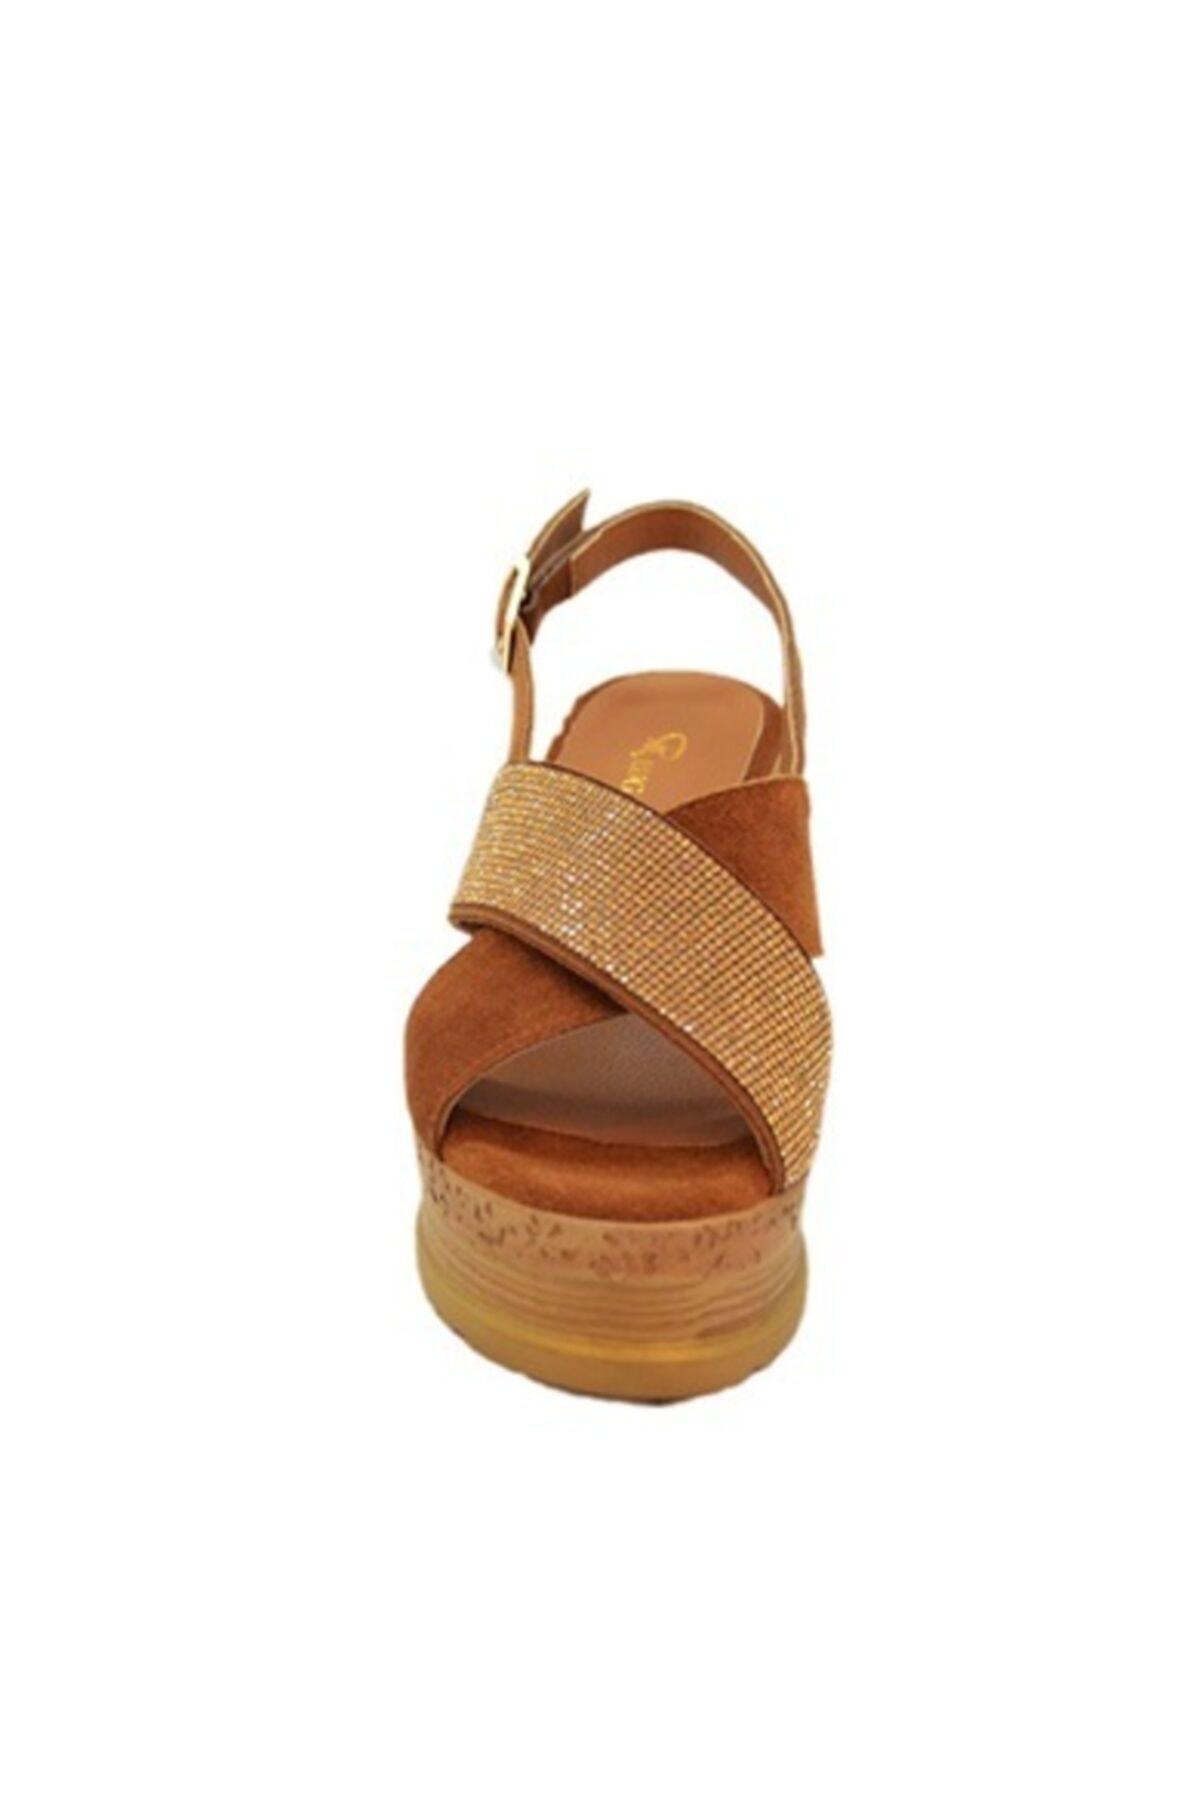 Rugano Hakiki Deri Taba Dolgu Taban Kadın Sandalet 2